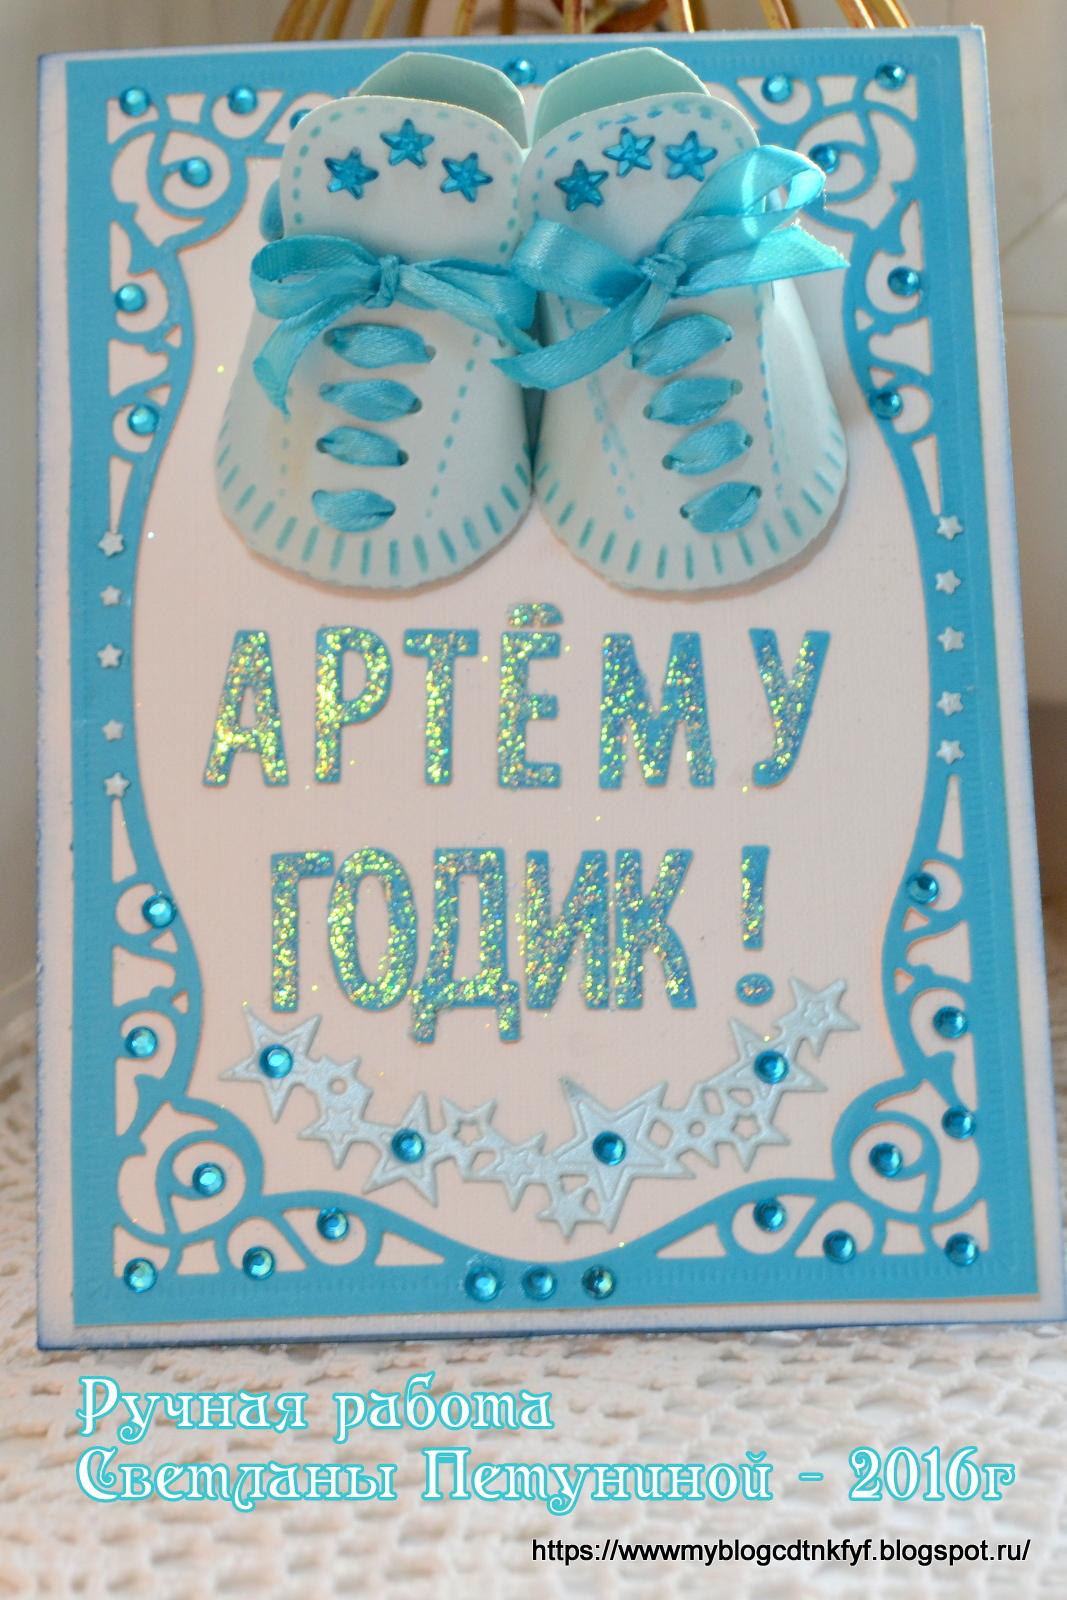 Поздравления с днем рождения Артему 5